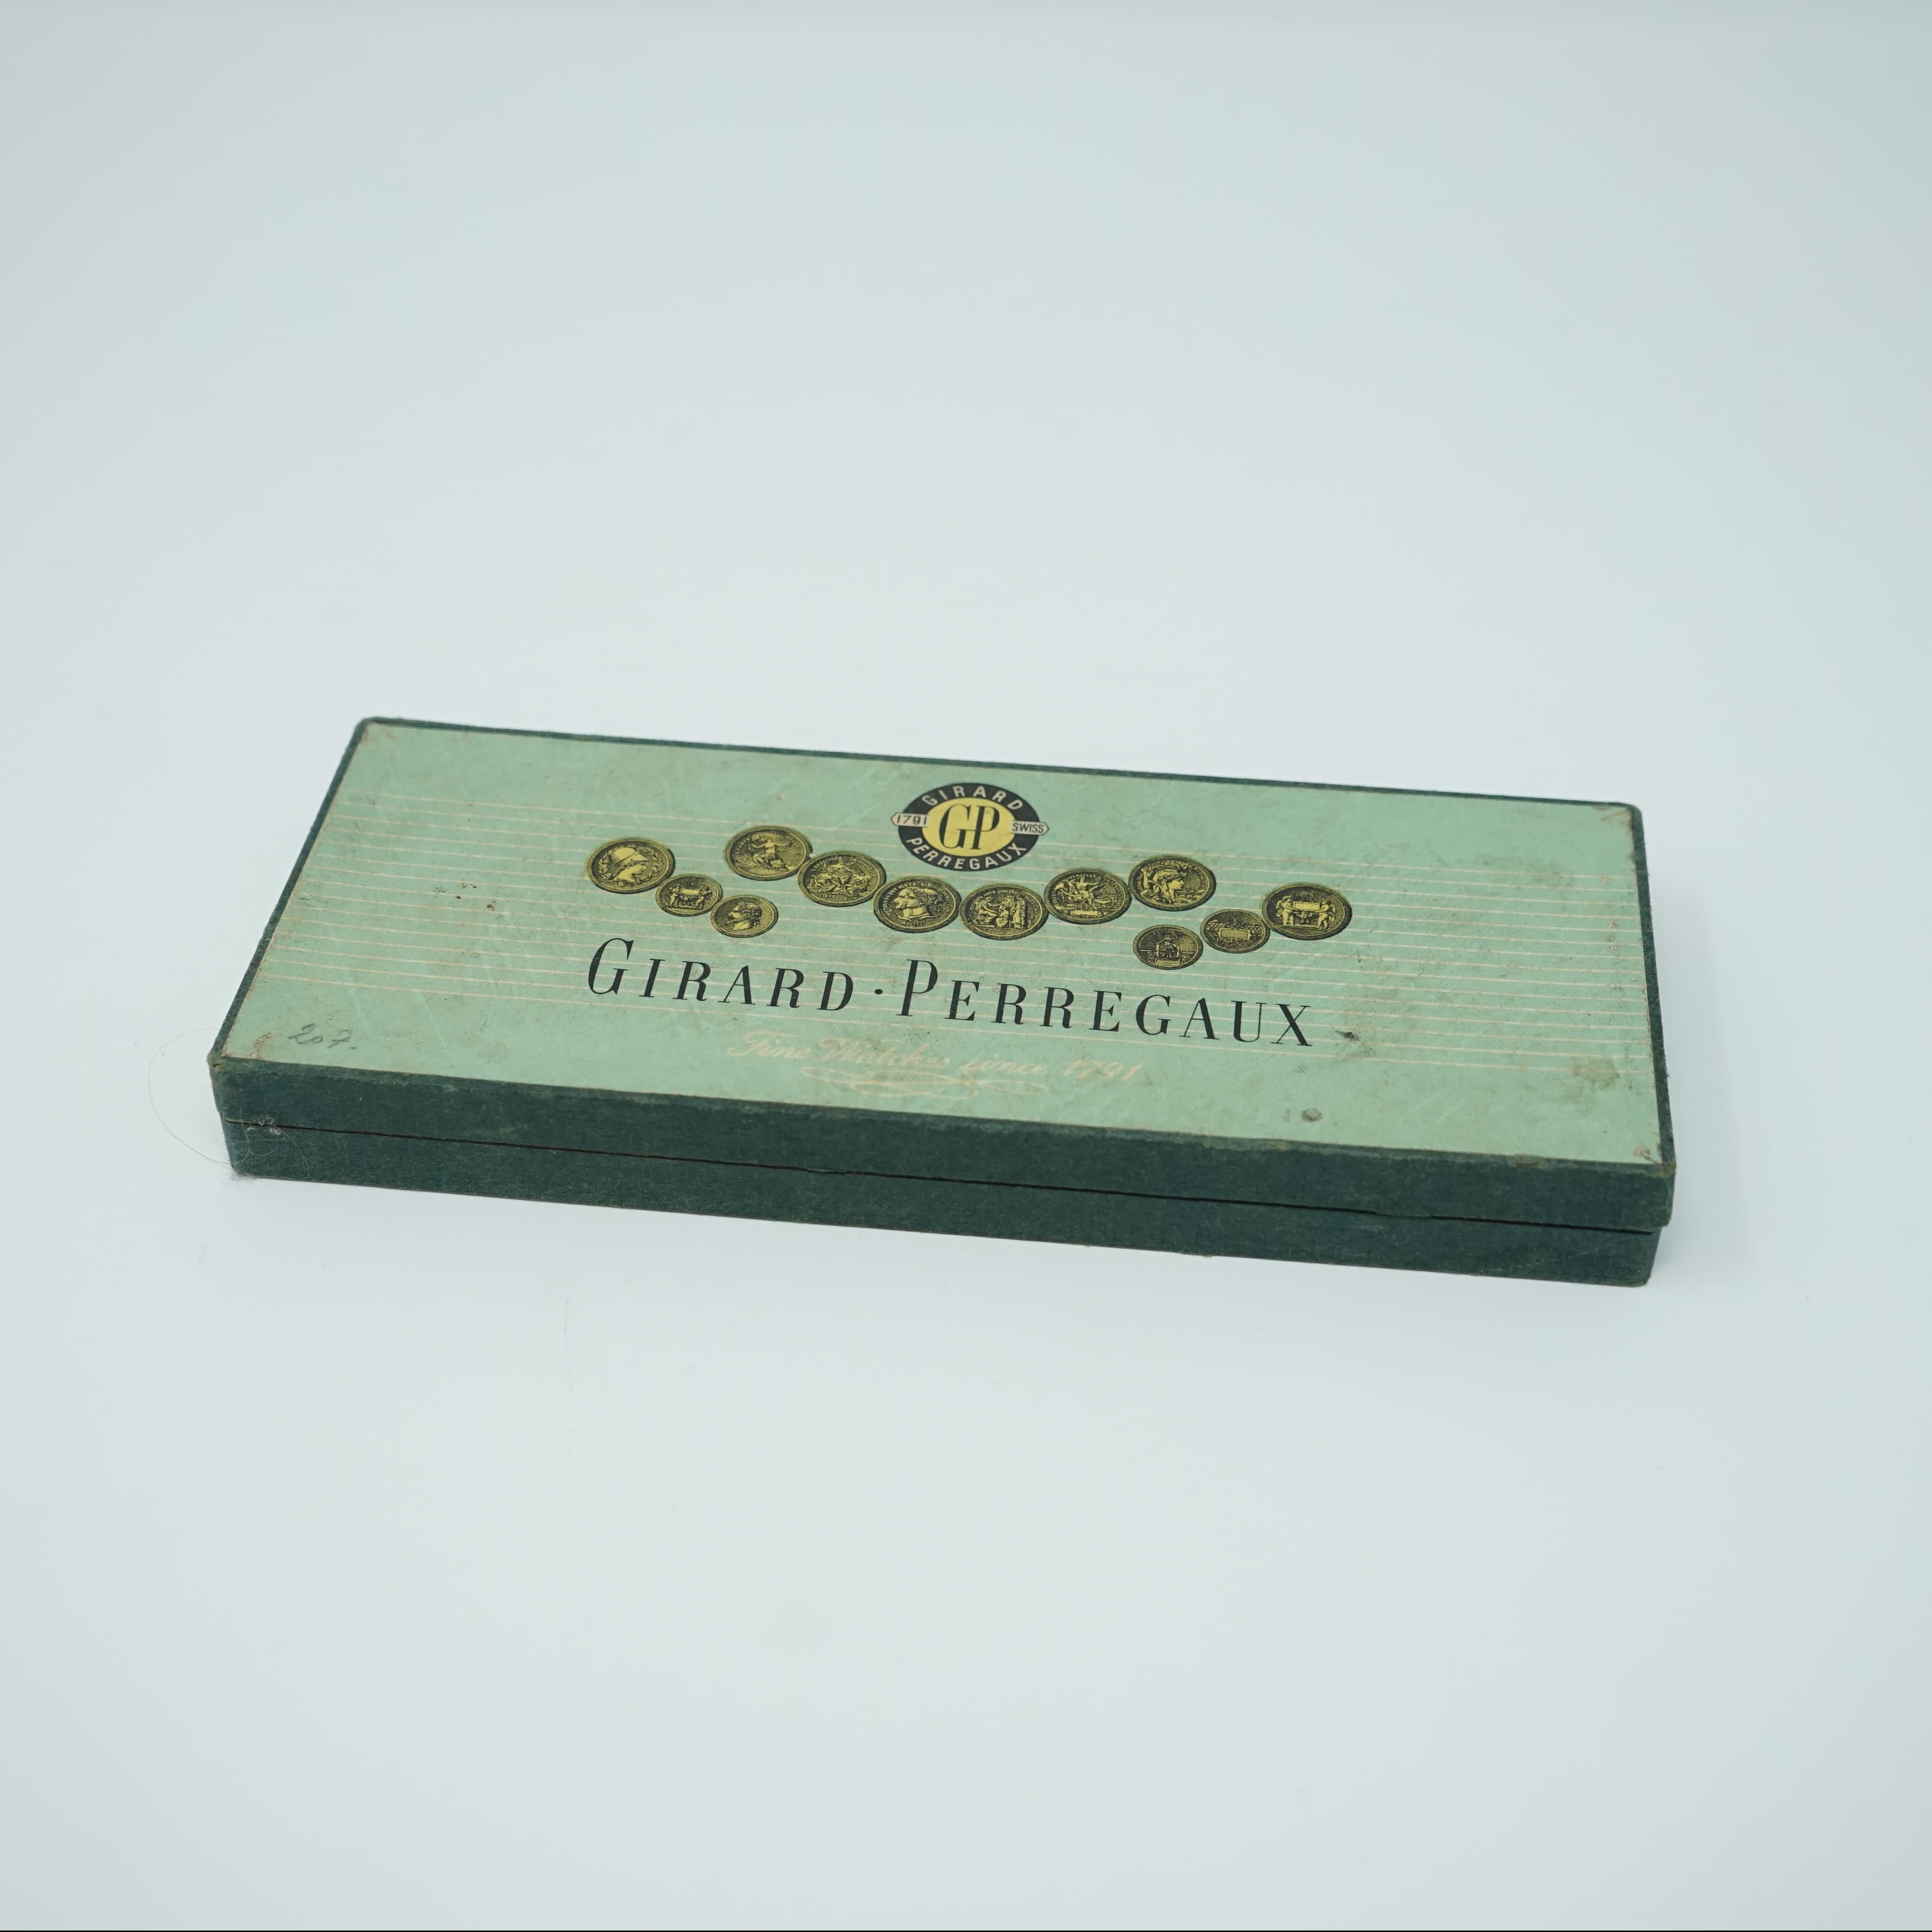 Boîte pour Pièces Girard-Perregaux